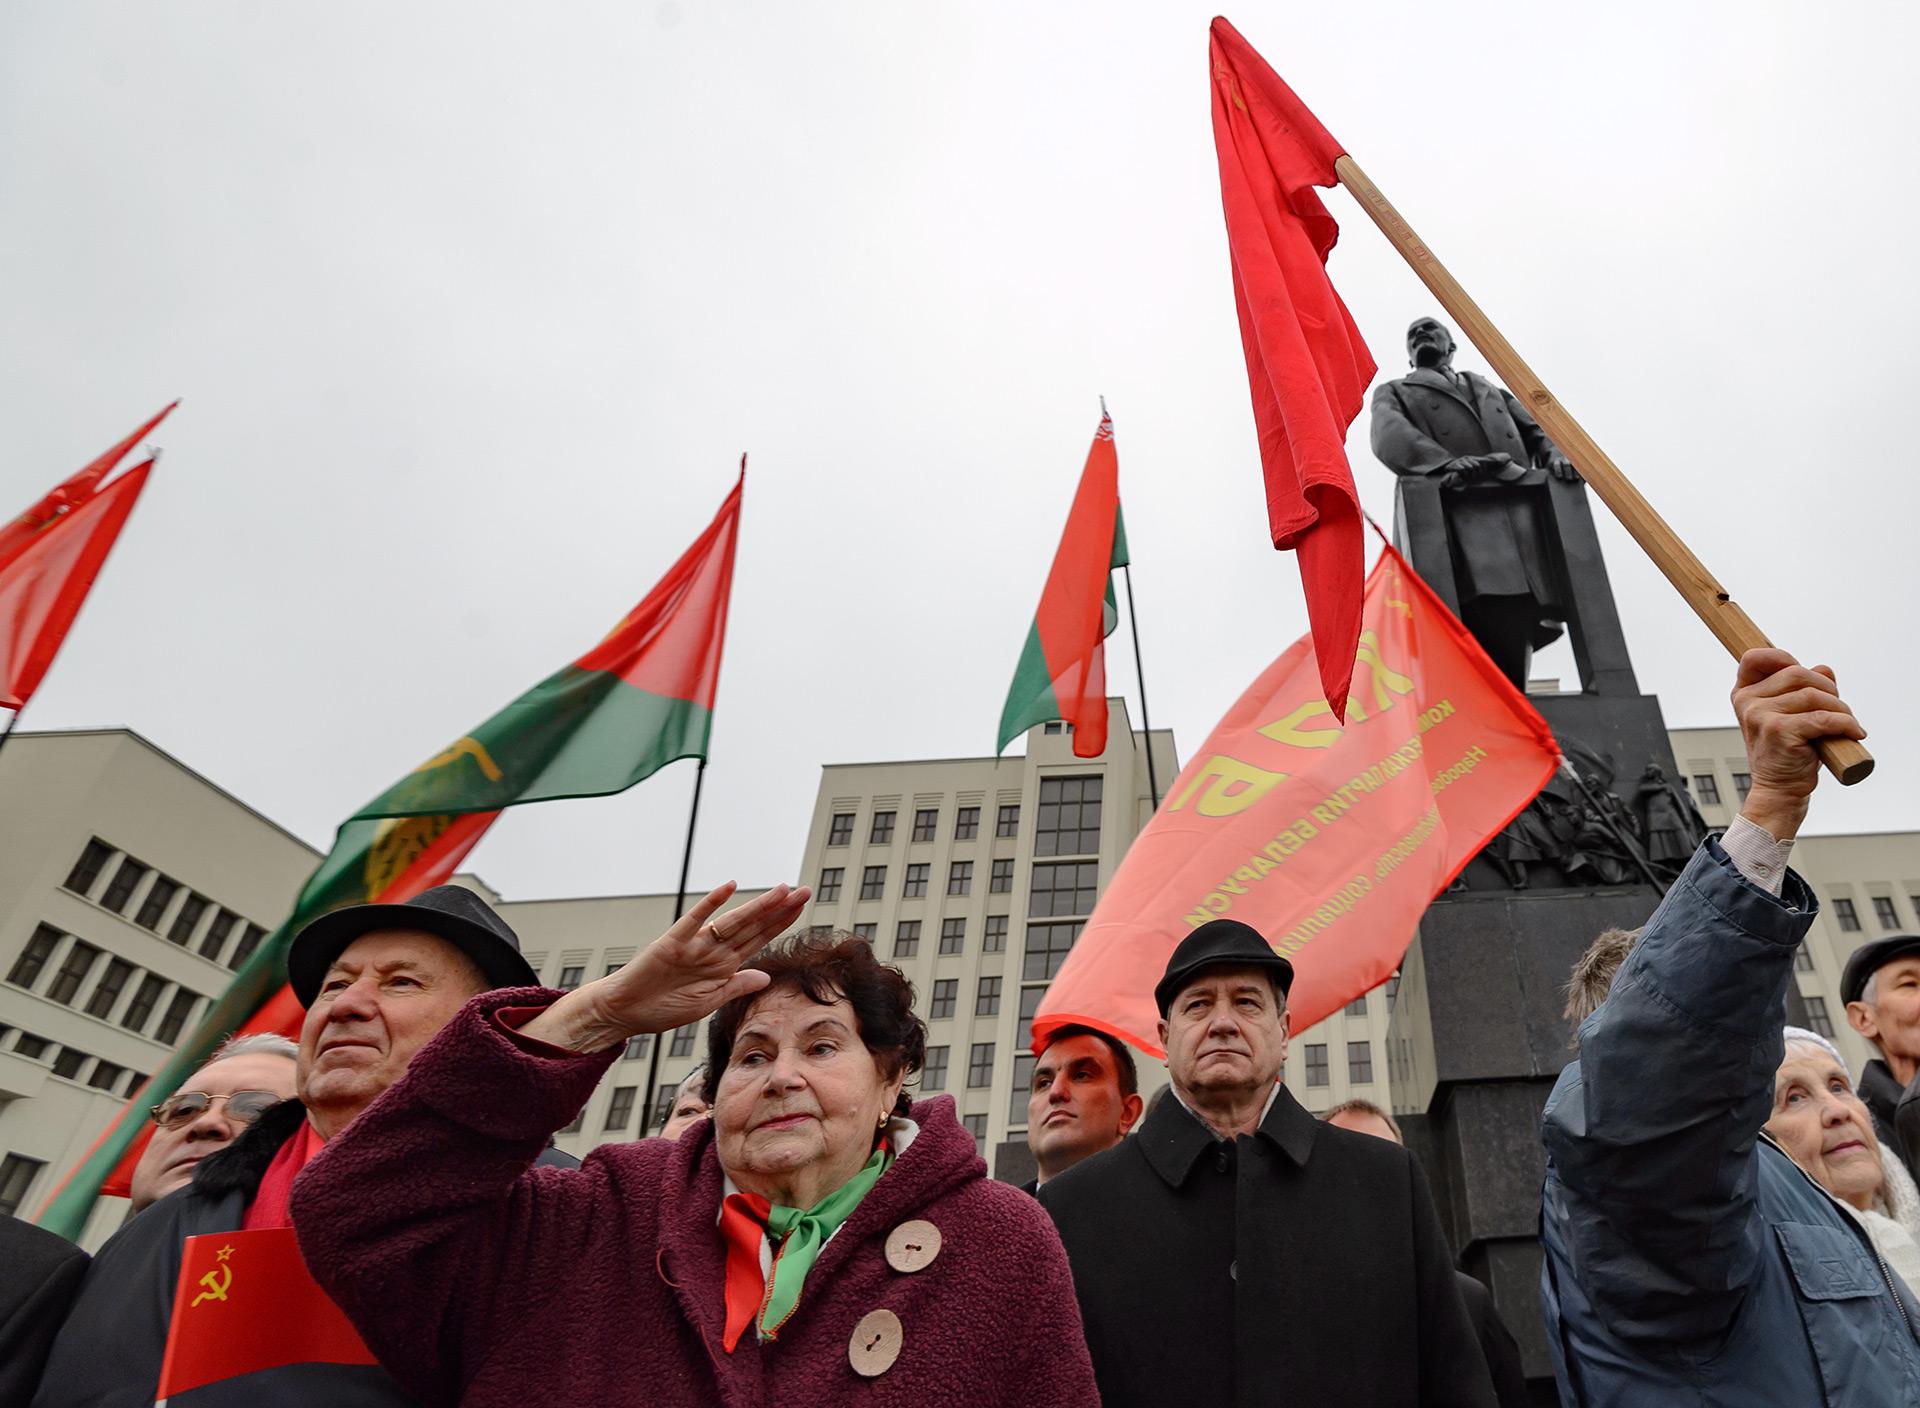 Aún hoy muchos sectores de la población rusa sienten nostalgia por la vida en el estado soviético (AFP)